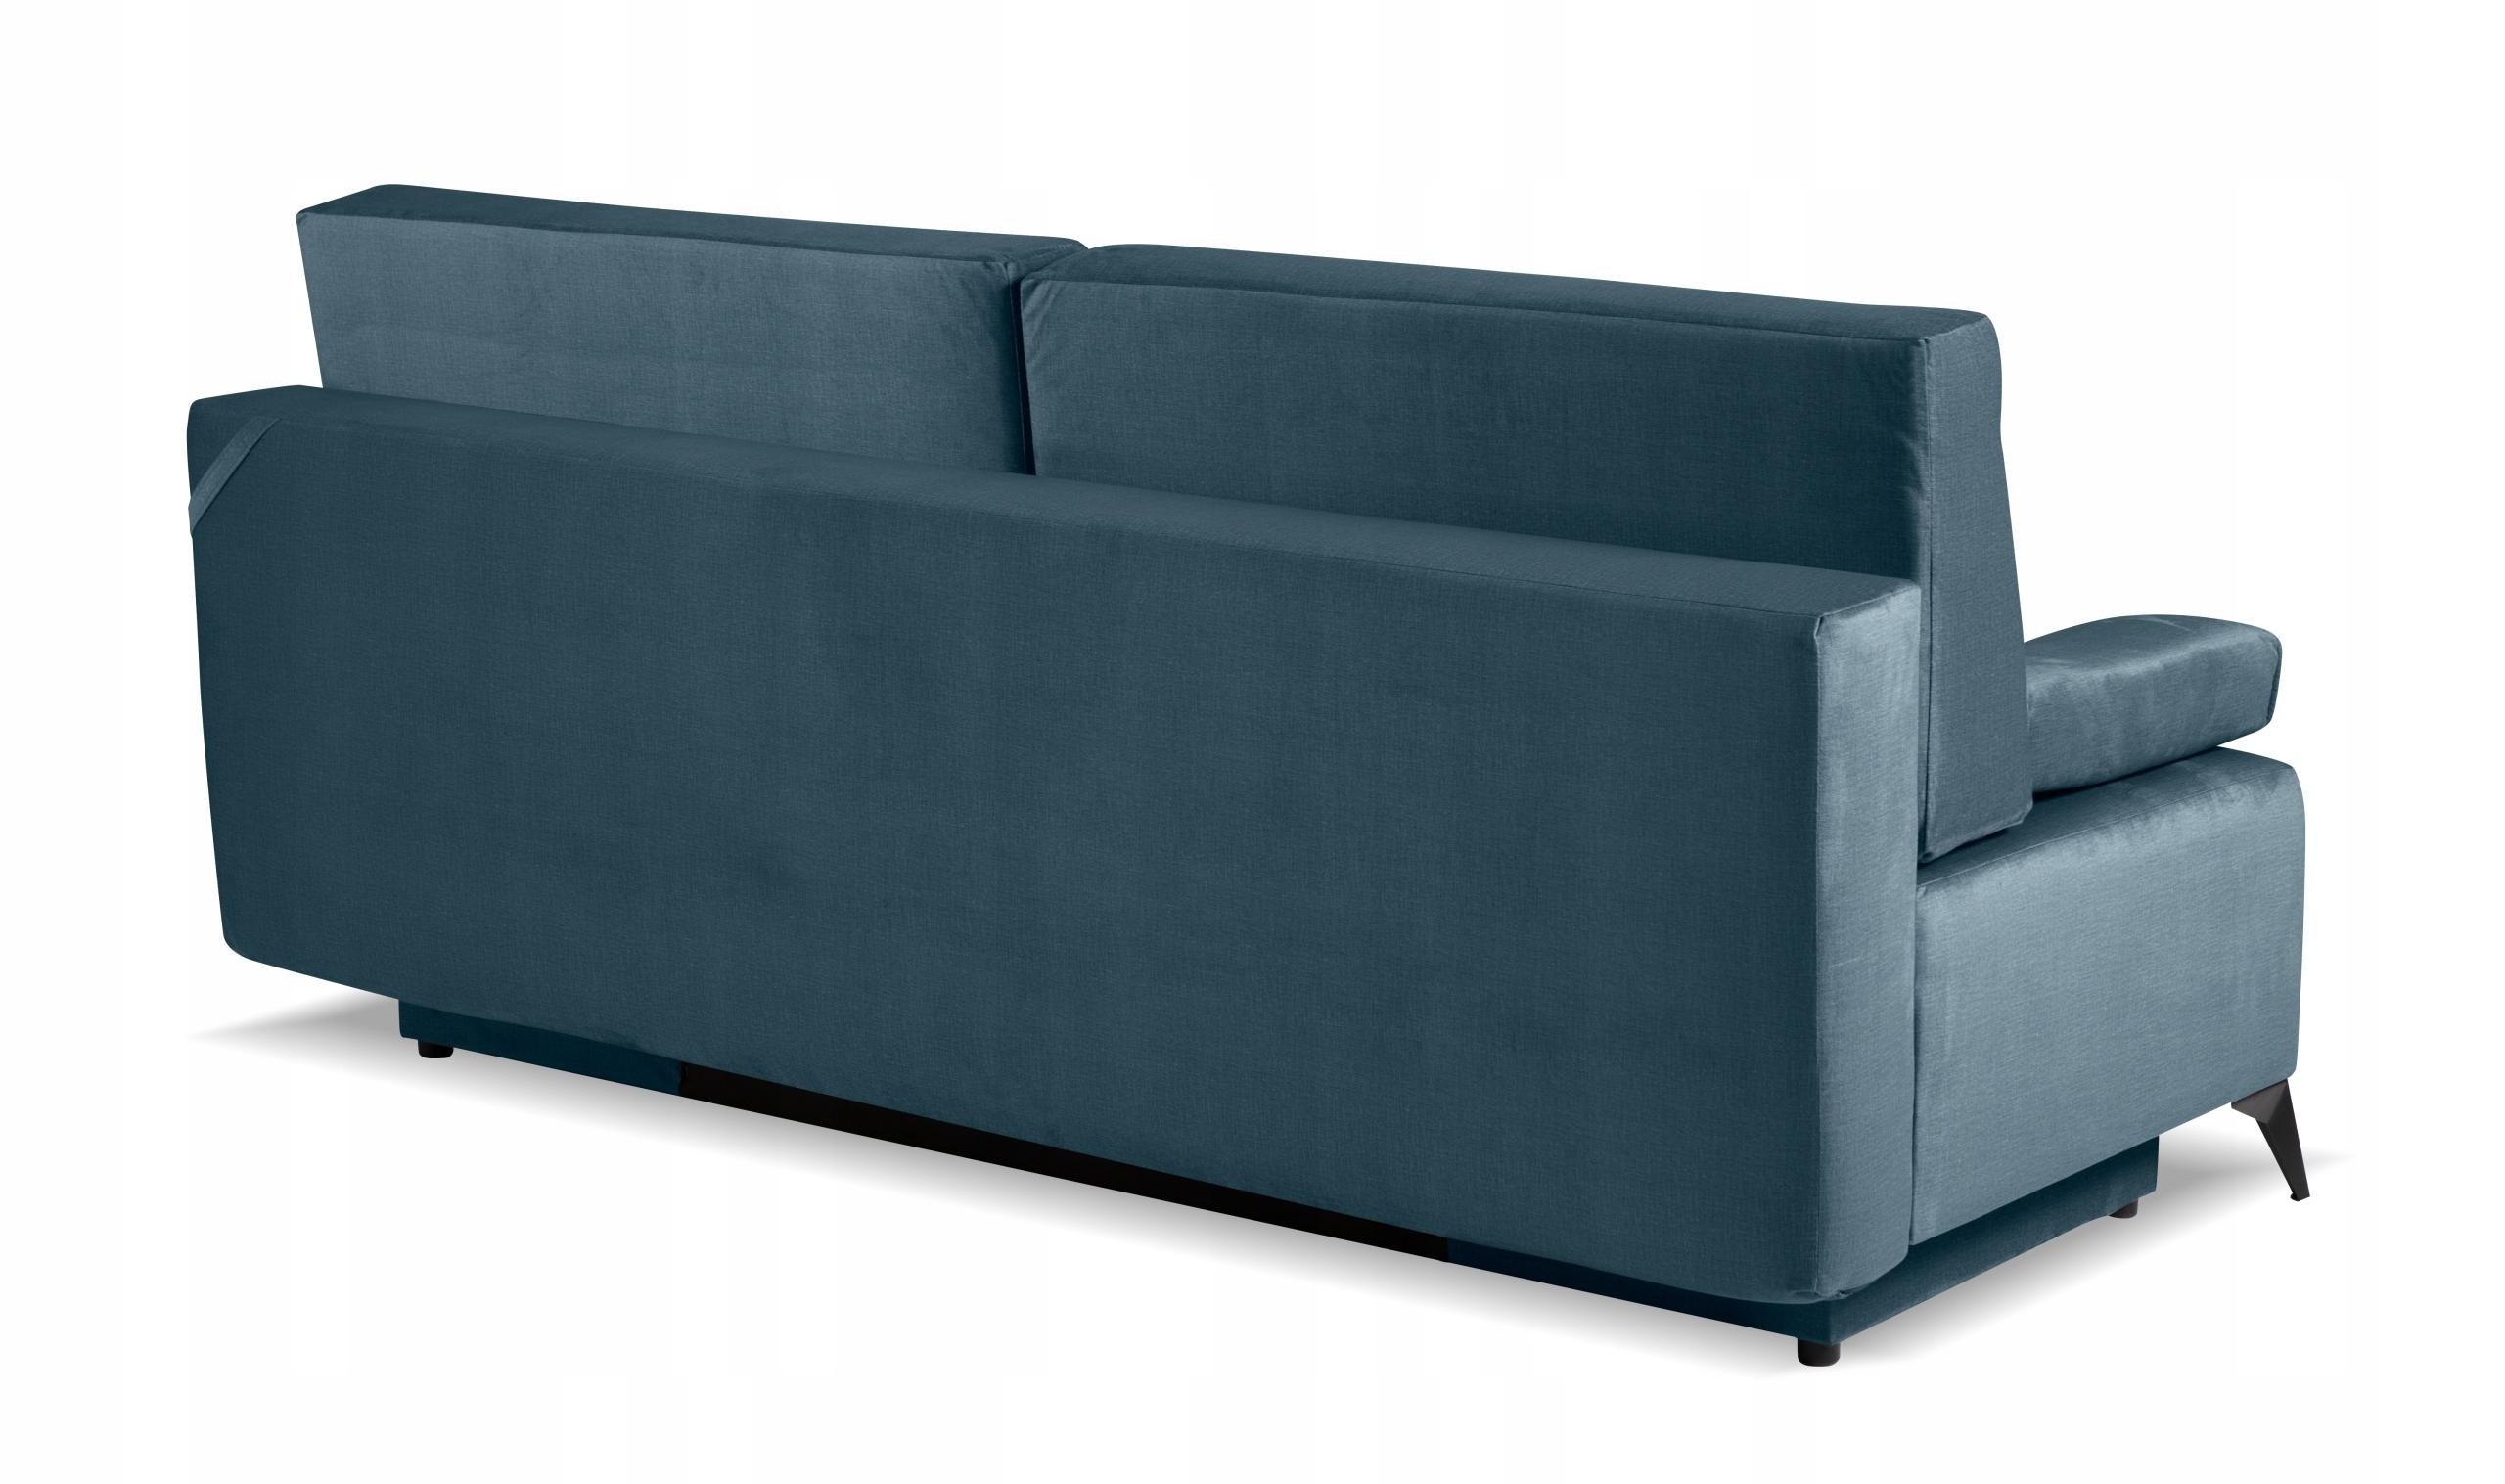 Jugend Sofa ASTIN Schlafcontainerfarben Möbelhöhe 86 cm